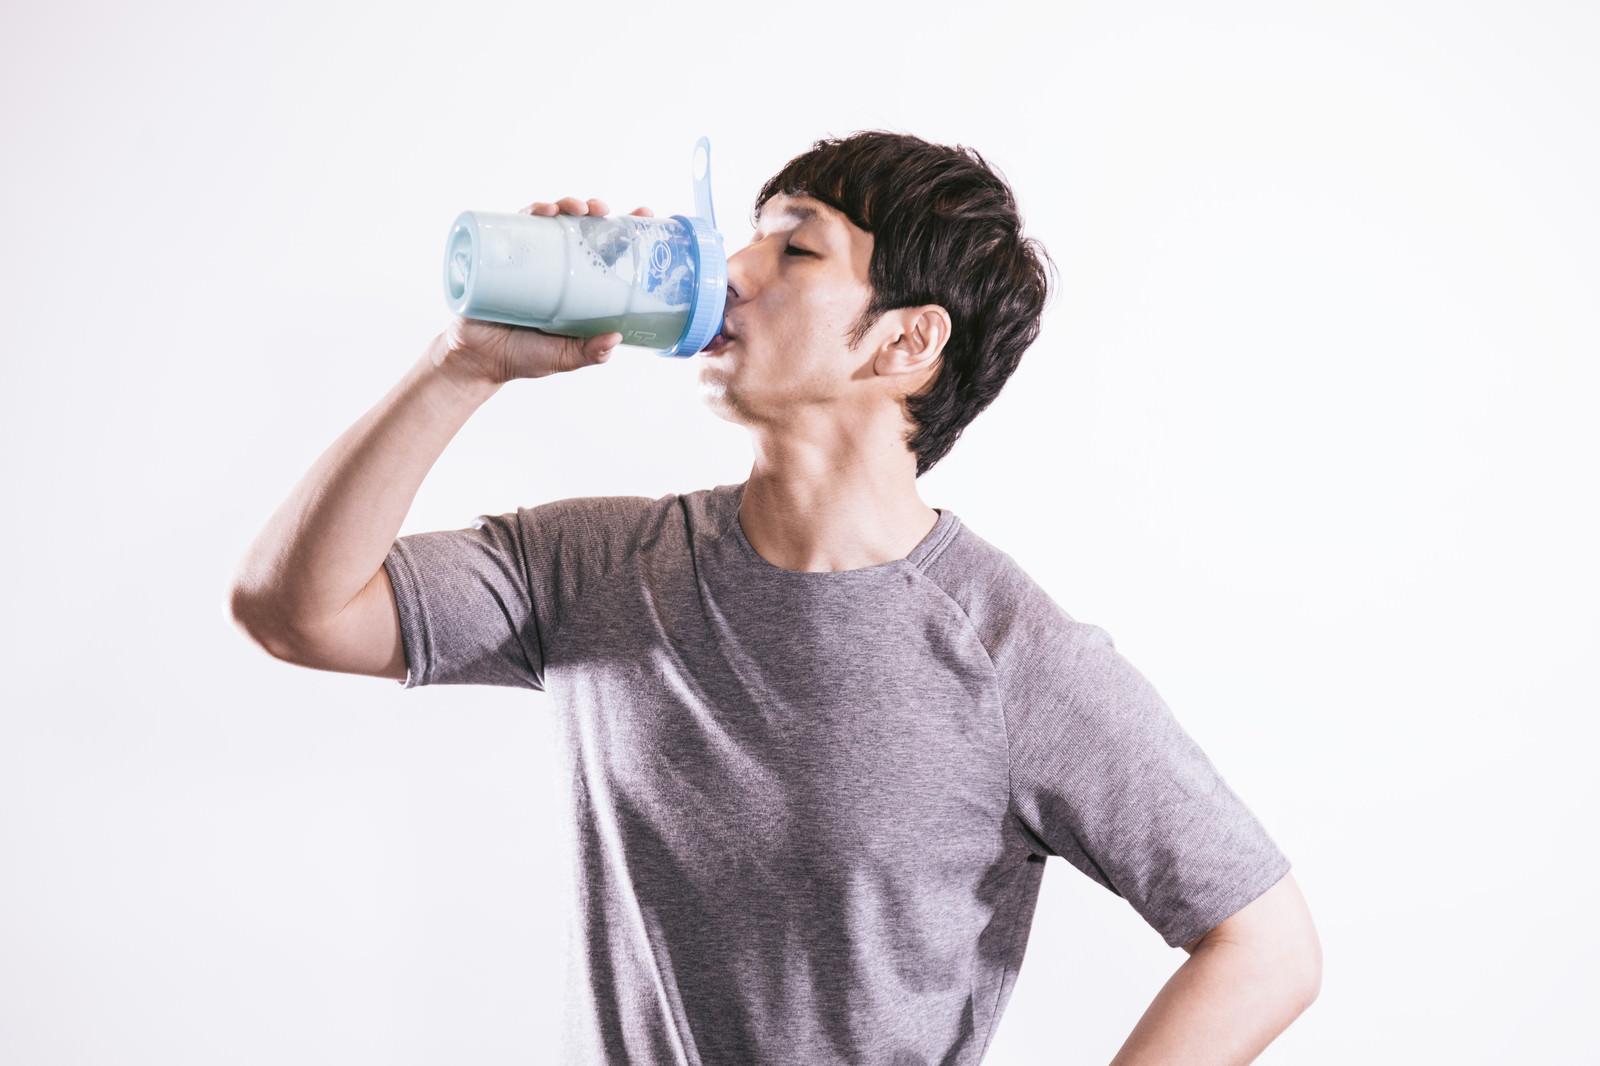 「運動後45分のゴールデンタイムにプロテインを飲むトレーニー」の写真[モデル:大川竜弥]